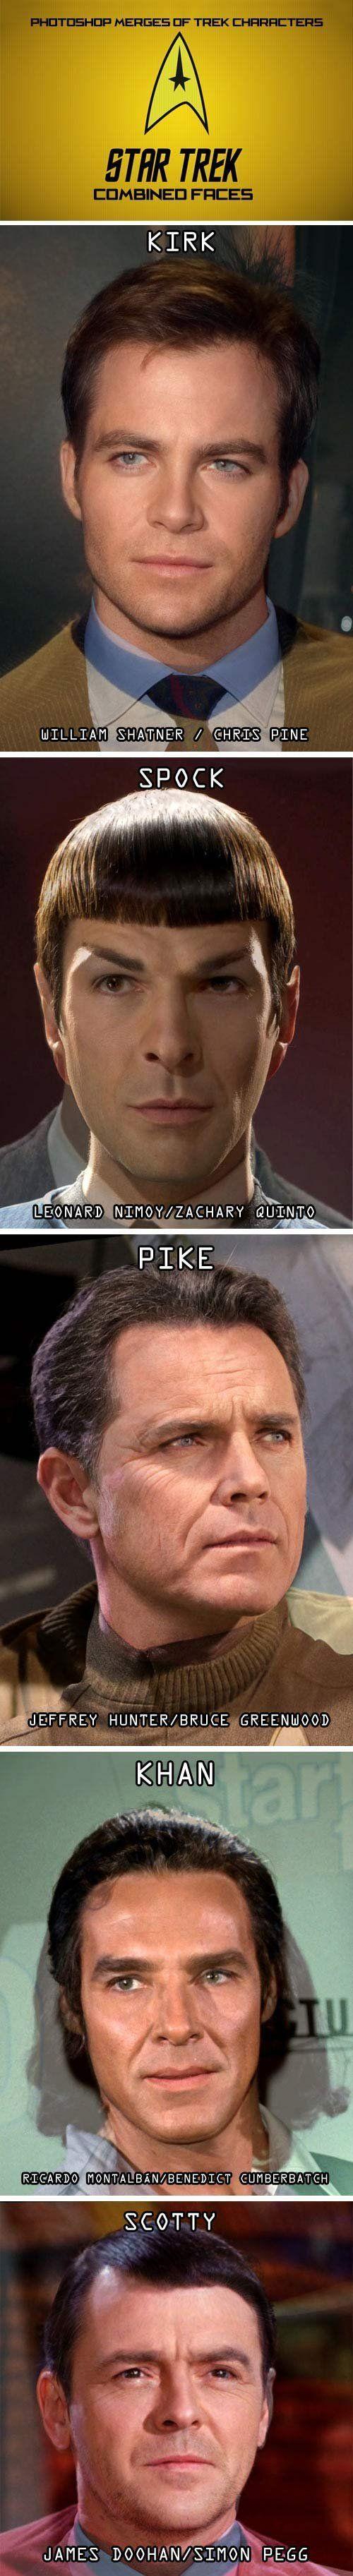 Star Trek actors past and present combined…: